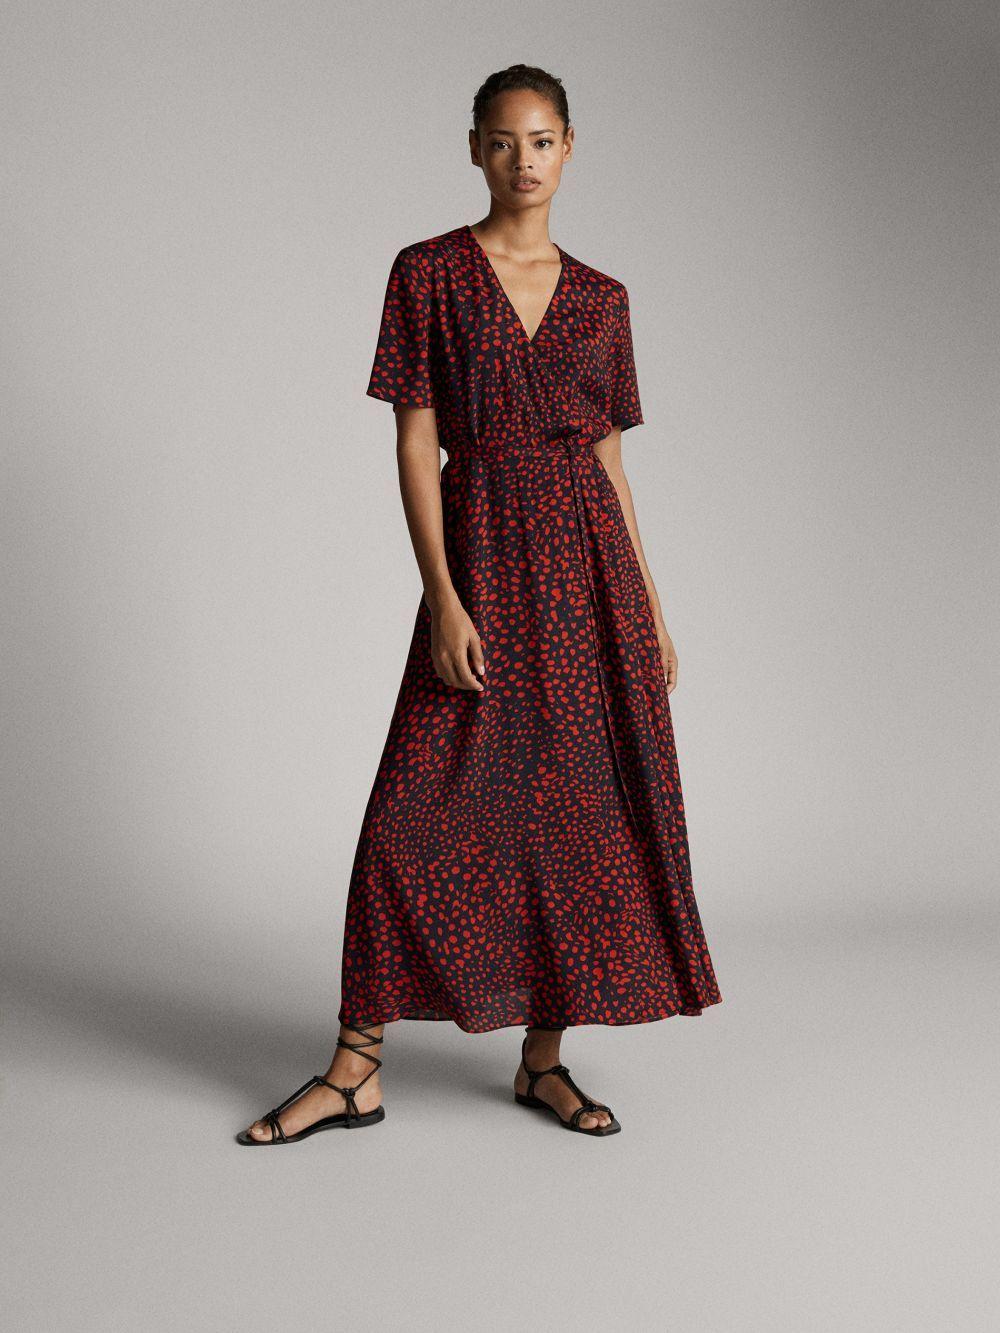 Vestido de Massimo Dutti.